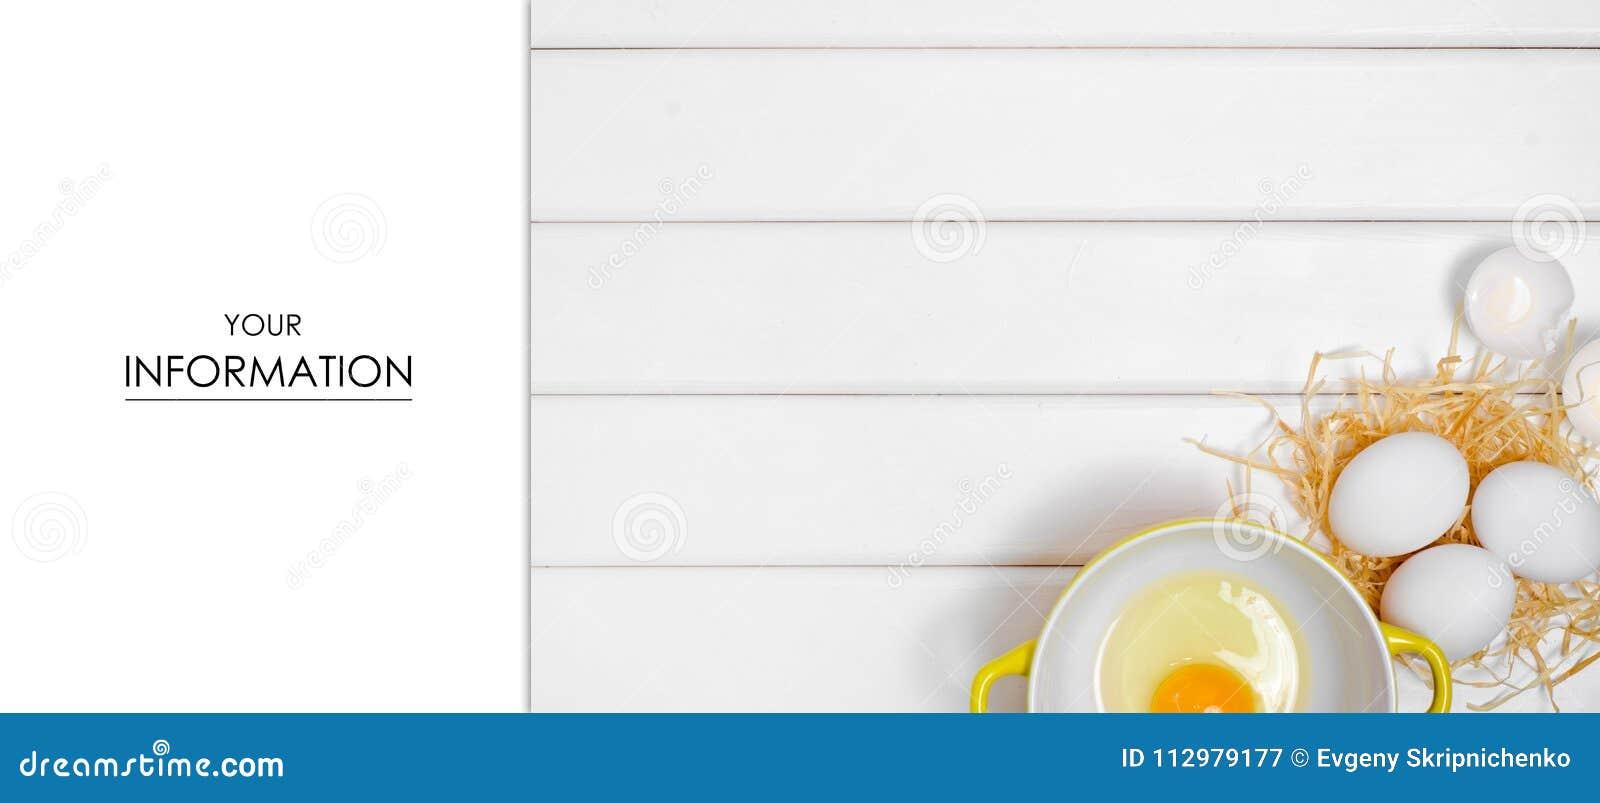 Eggs yolk in a plate pattern